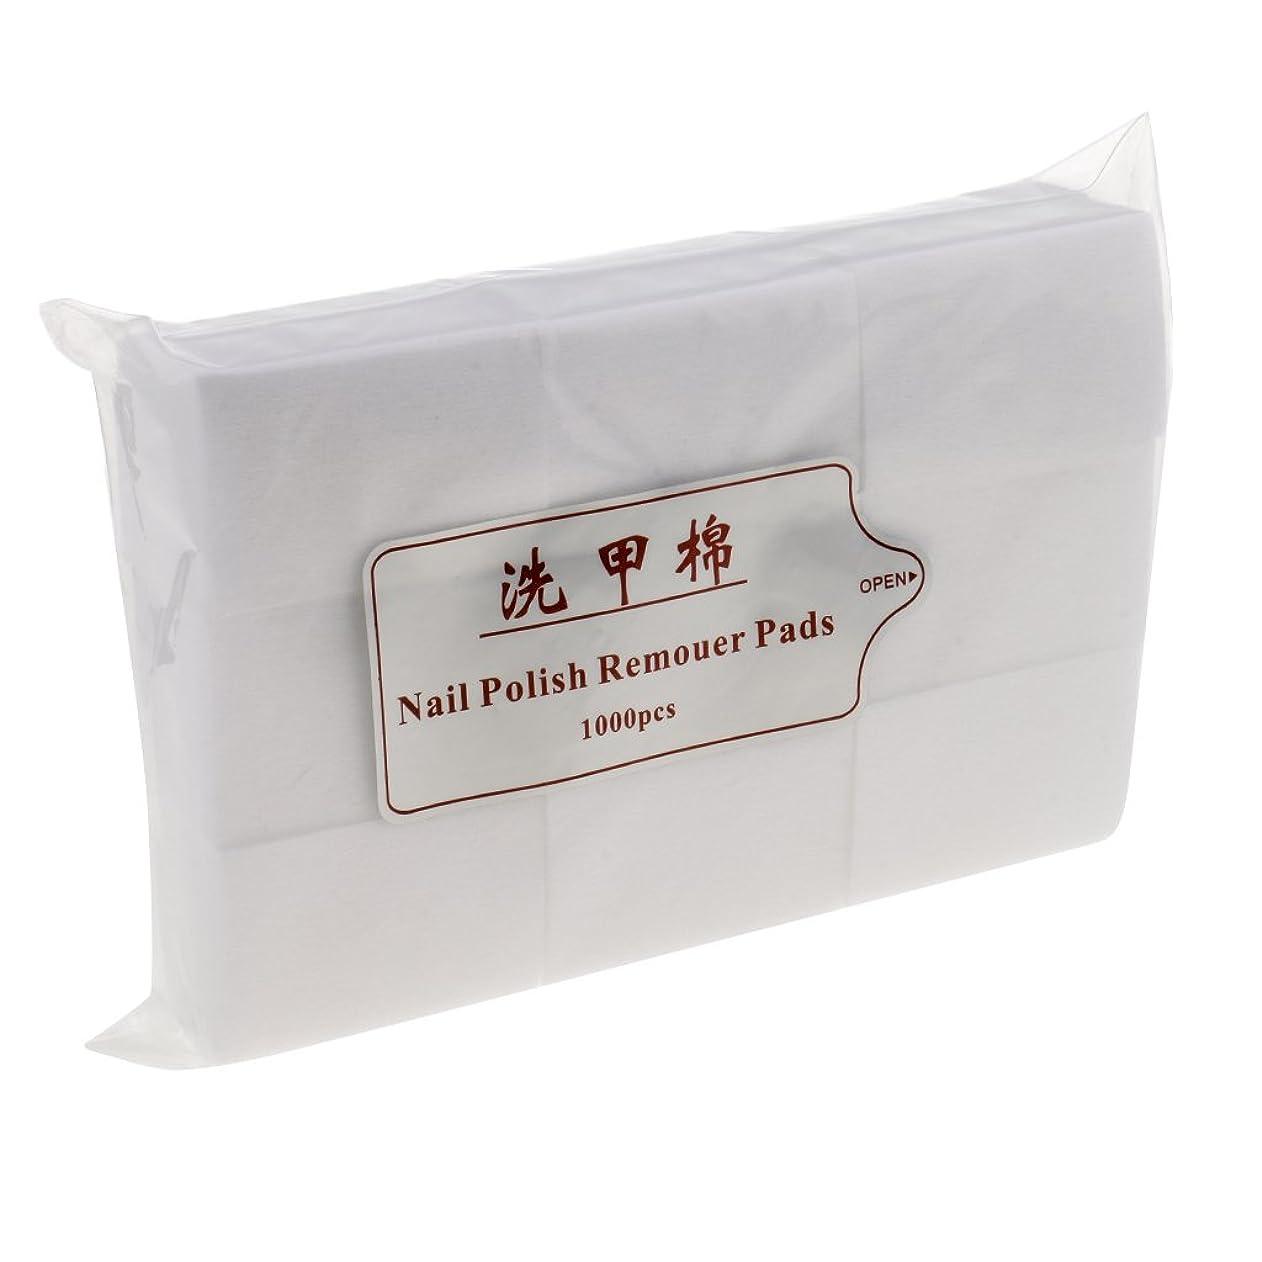 セッティング始める以降Blesiya 約1000個 ネイルコットンパッド ネイル パッド ネイルアートチップ パッド紙 吸水性 便利 ネイルサロン